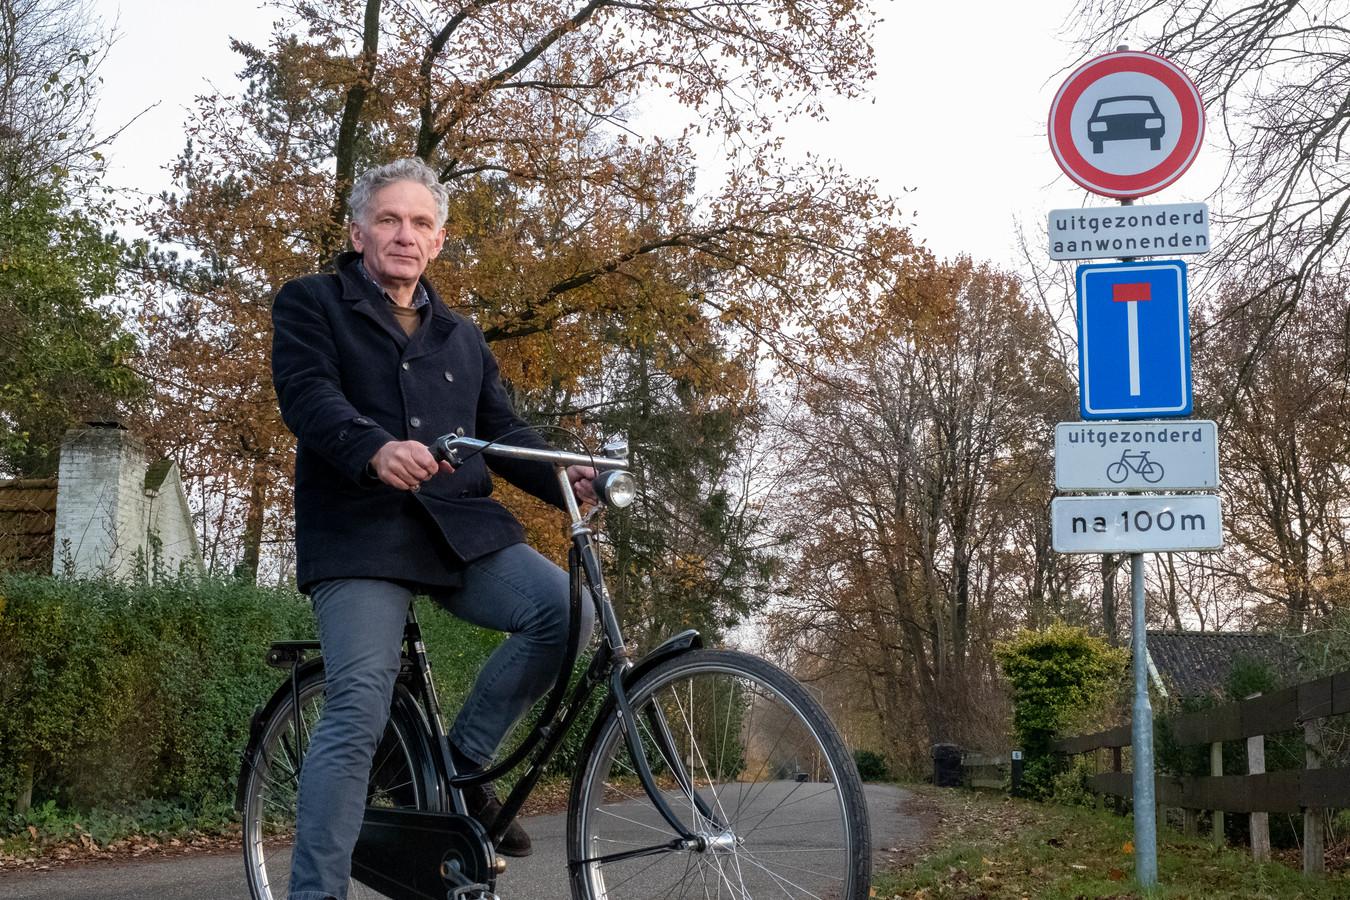 Rens Polinder, bewoner van de Berkenweg in Doornspijk, zag op piekmomenten tegen de veertig auto's langs de weg staan.